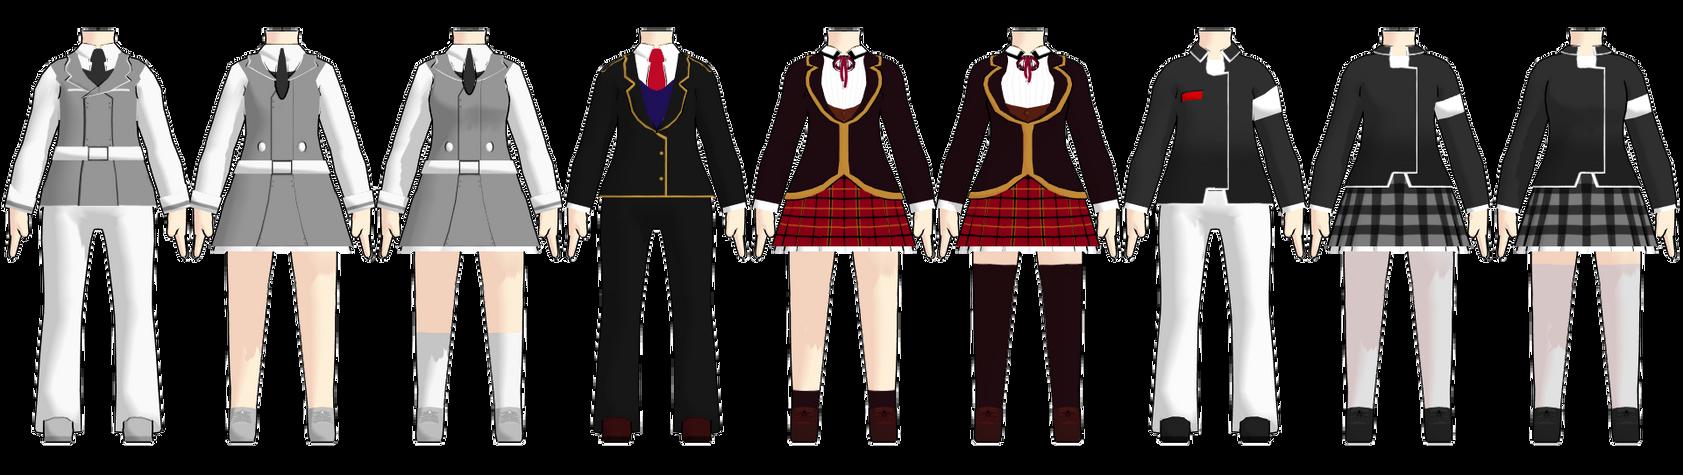 MMD Chibi RWBY School Uniform DL by 2234083174 on DeviantArt